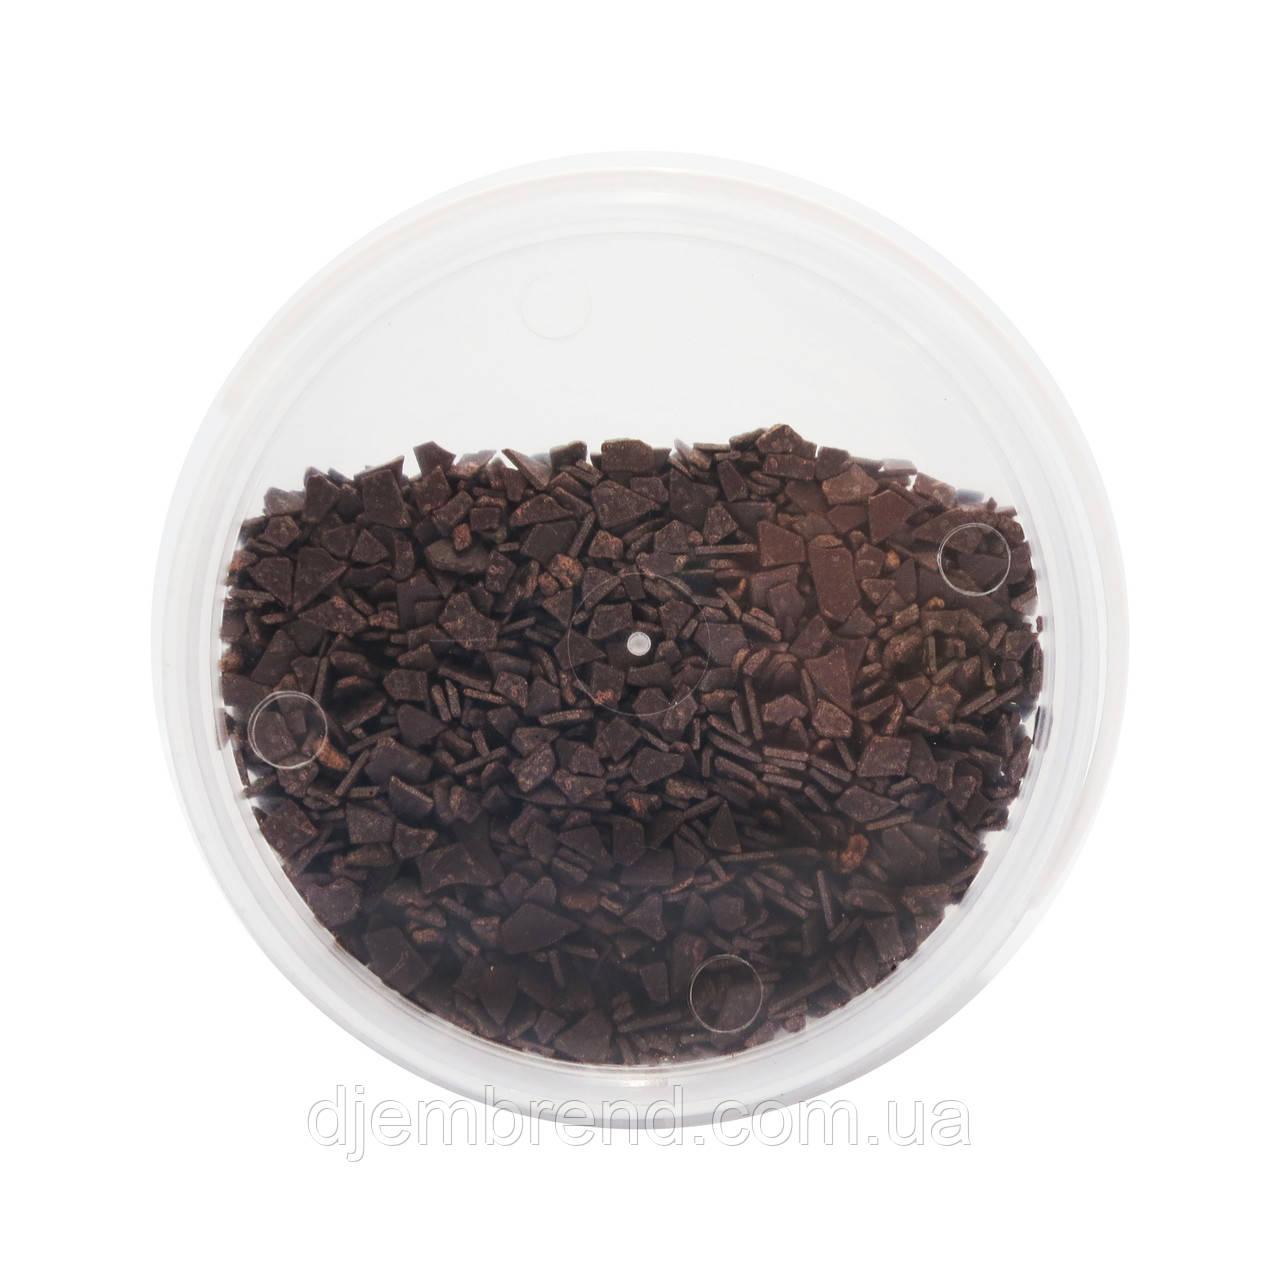 Шоколадные осколки черные, 500 г